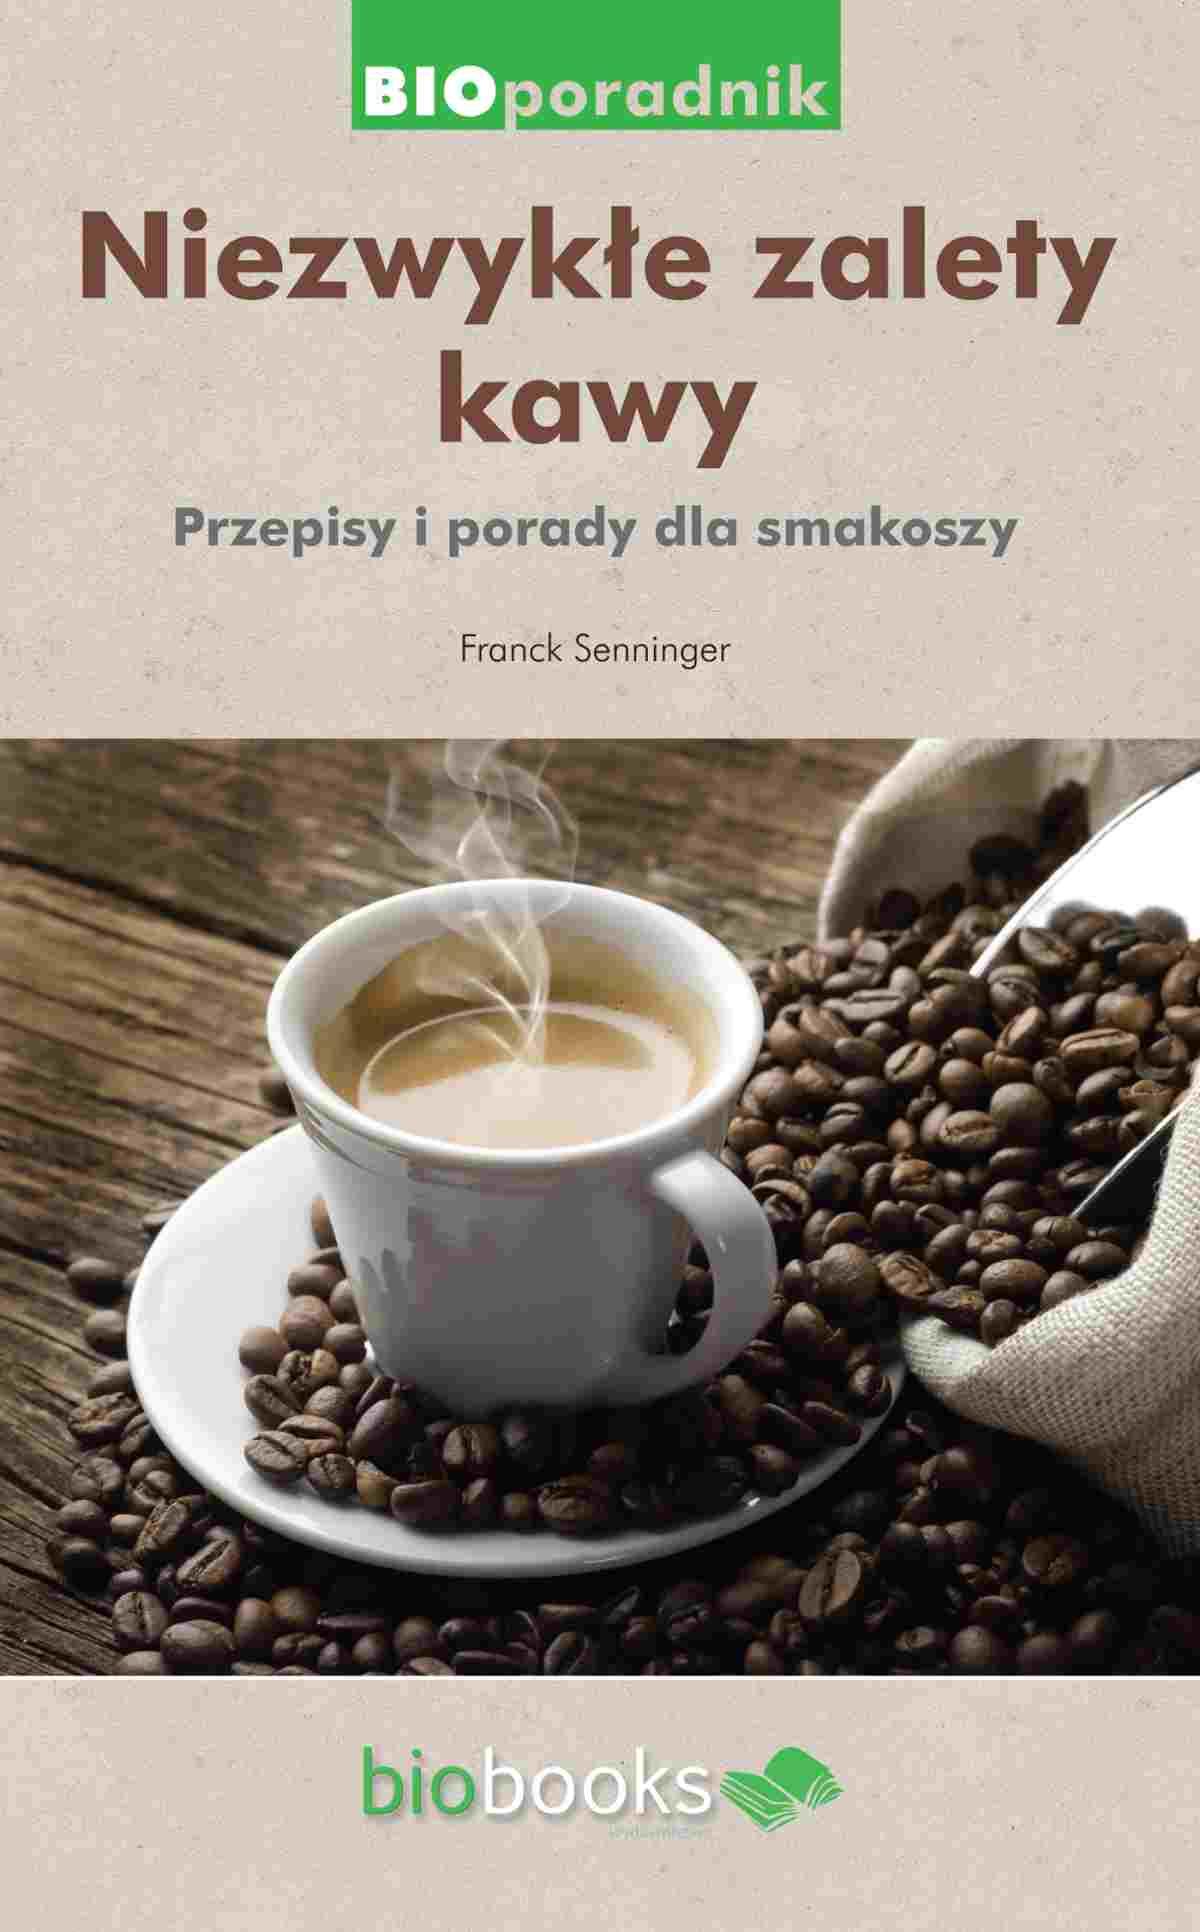 Niezwykłe zalety kawy. Przepisy i porady dla smakoszy - Ebook (Książka EPUB) do pobrania w formacie EPUB